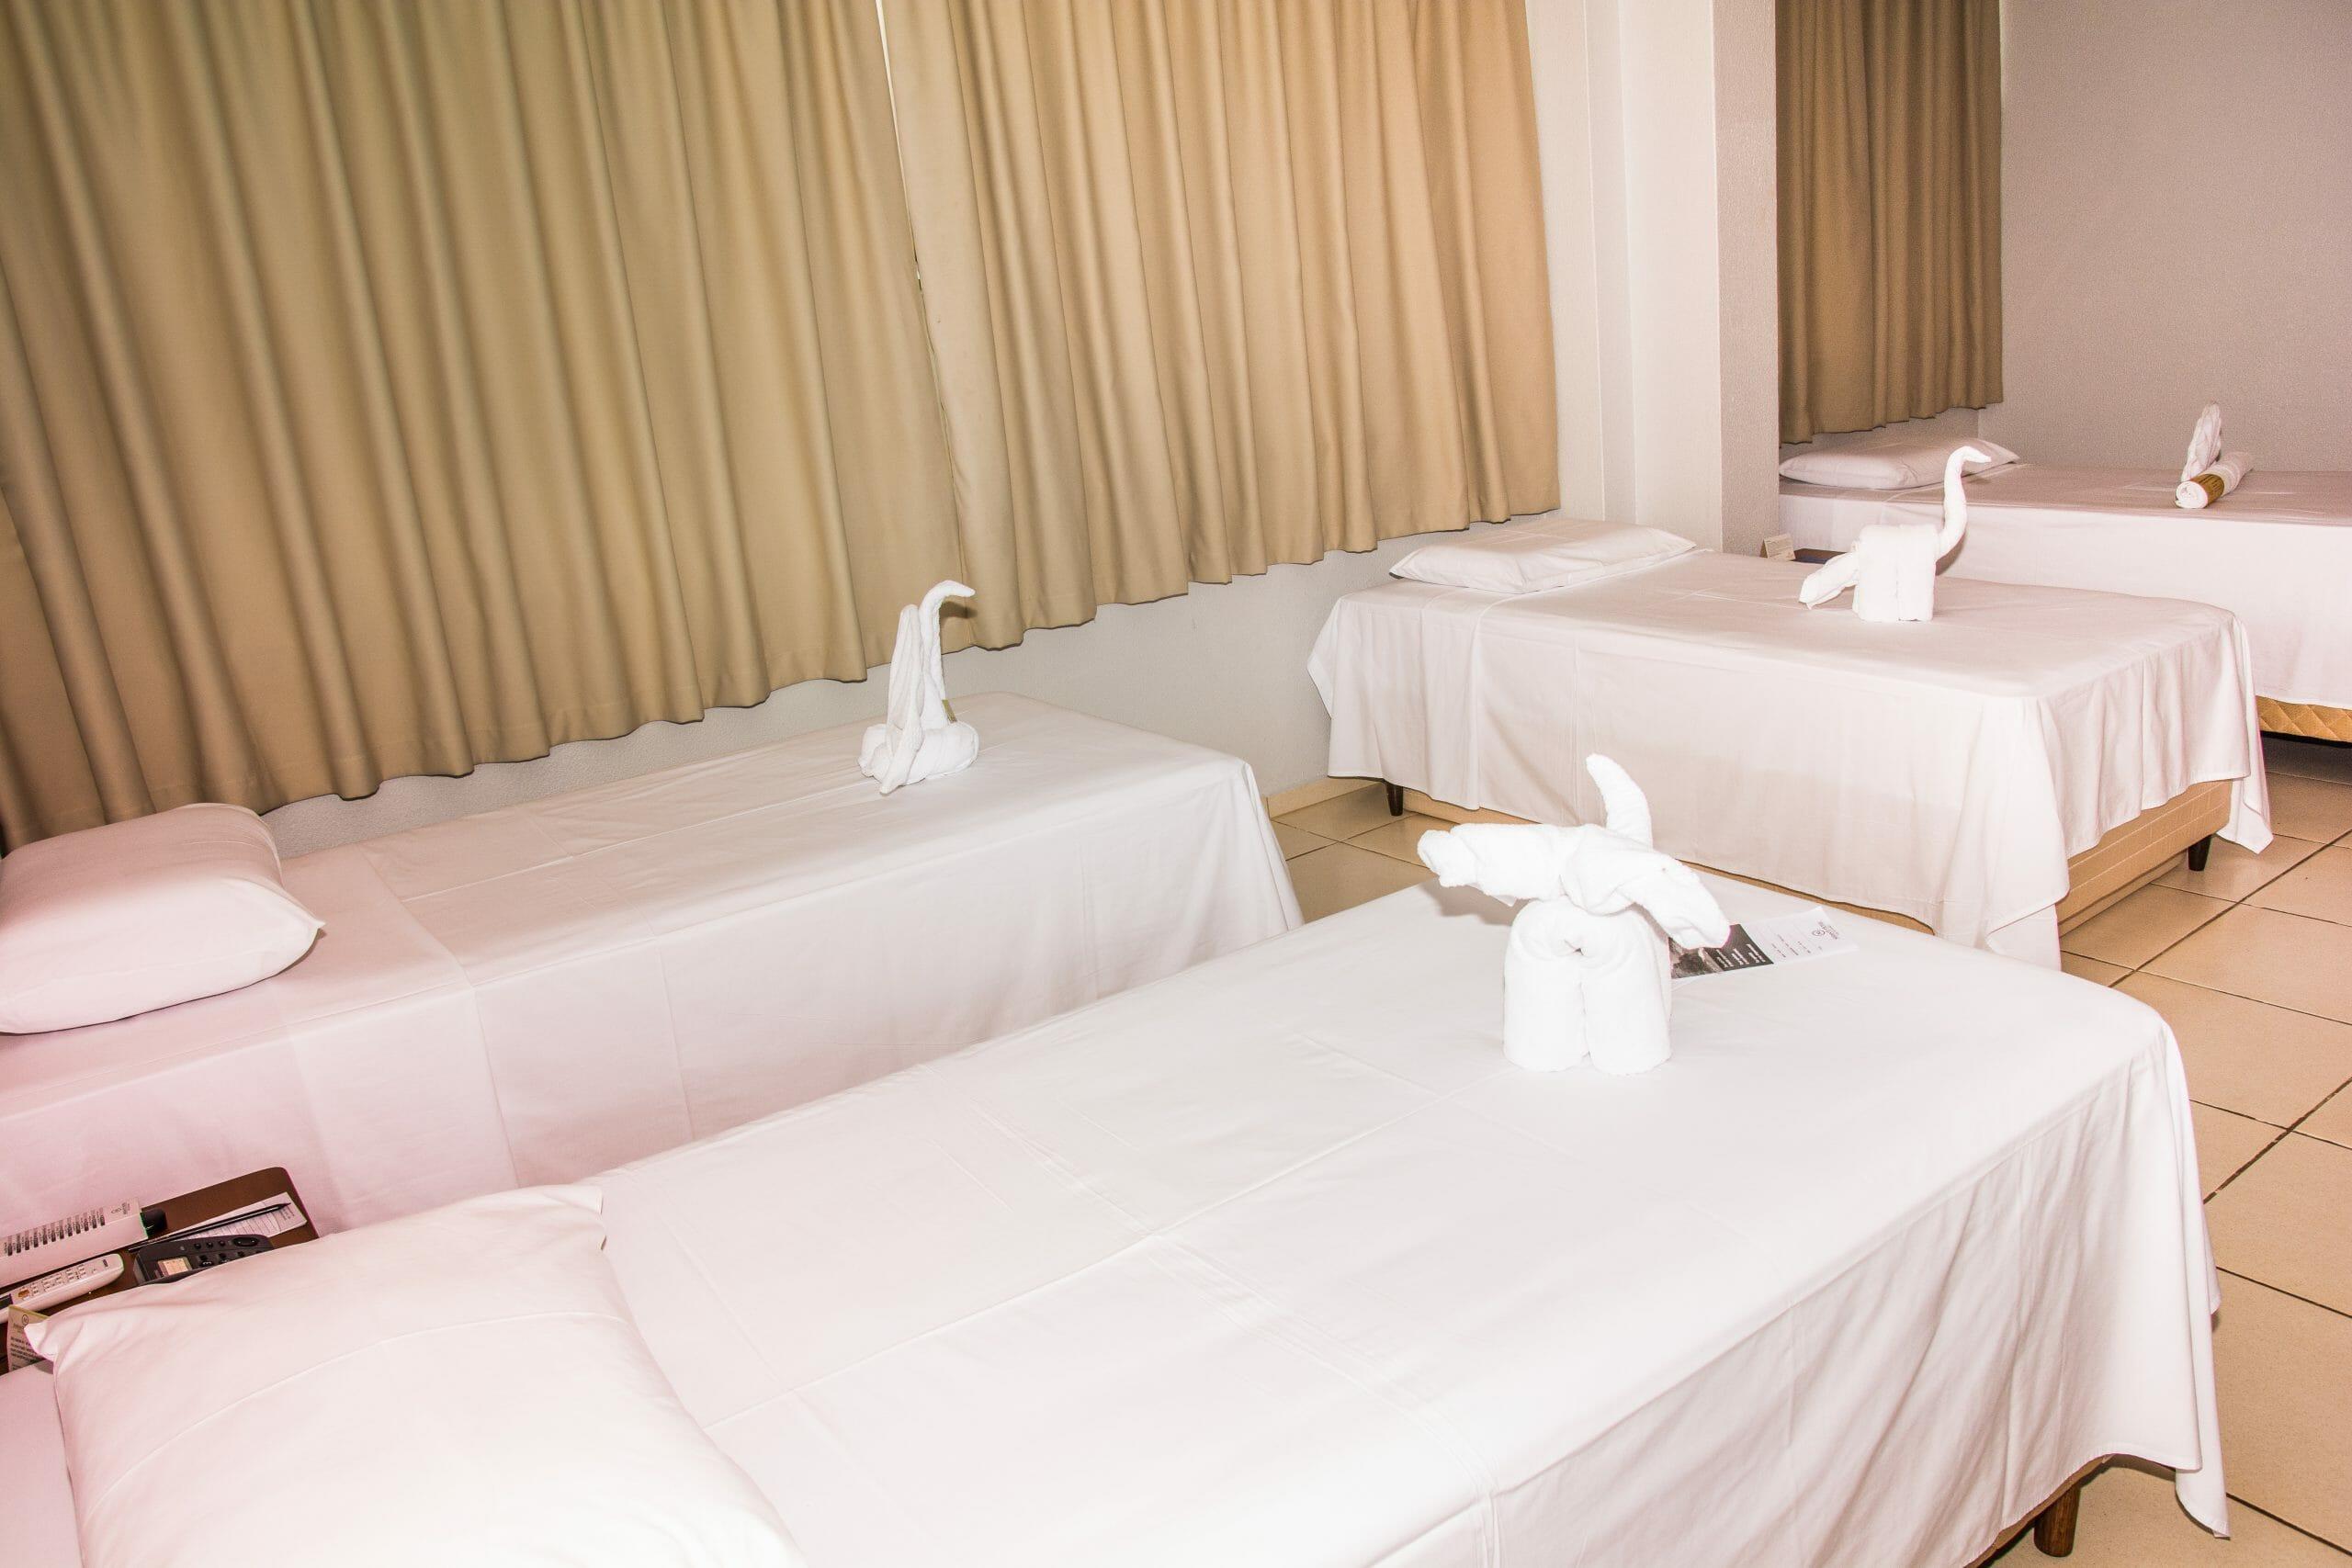 , Mirante Hotel é destaque na rede hoteleira de Foz do Iguaçu, Passeios em Foz do Iguaçu | Combos em Foz com desconto